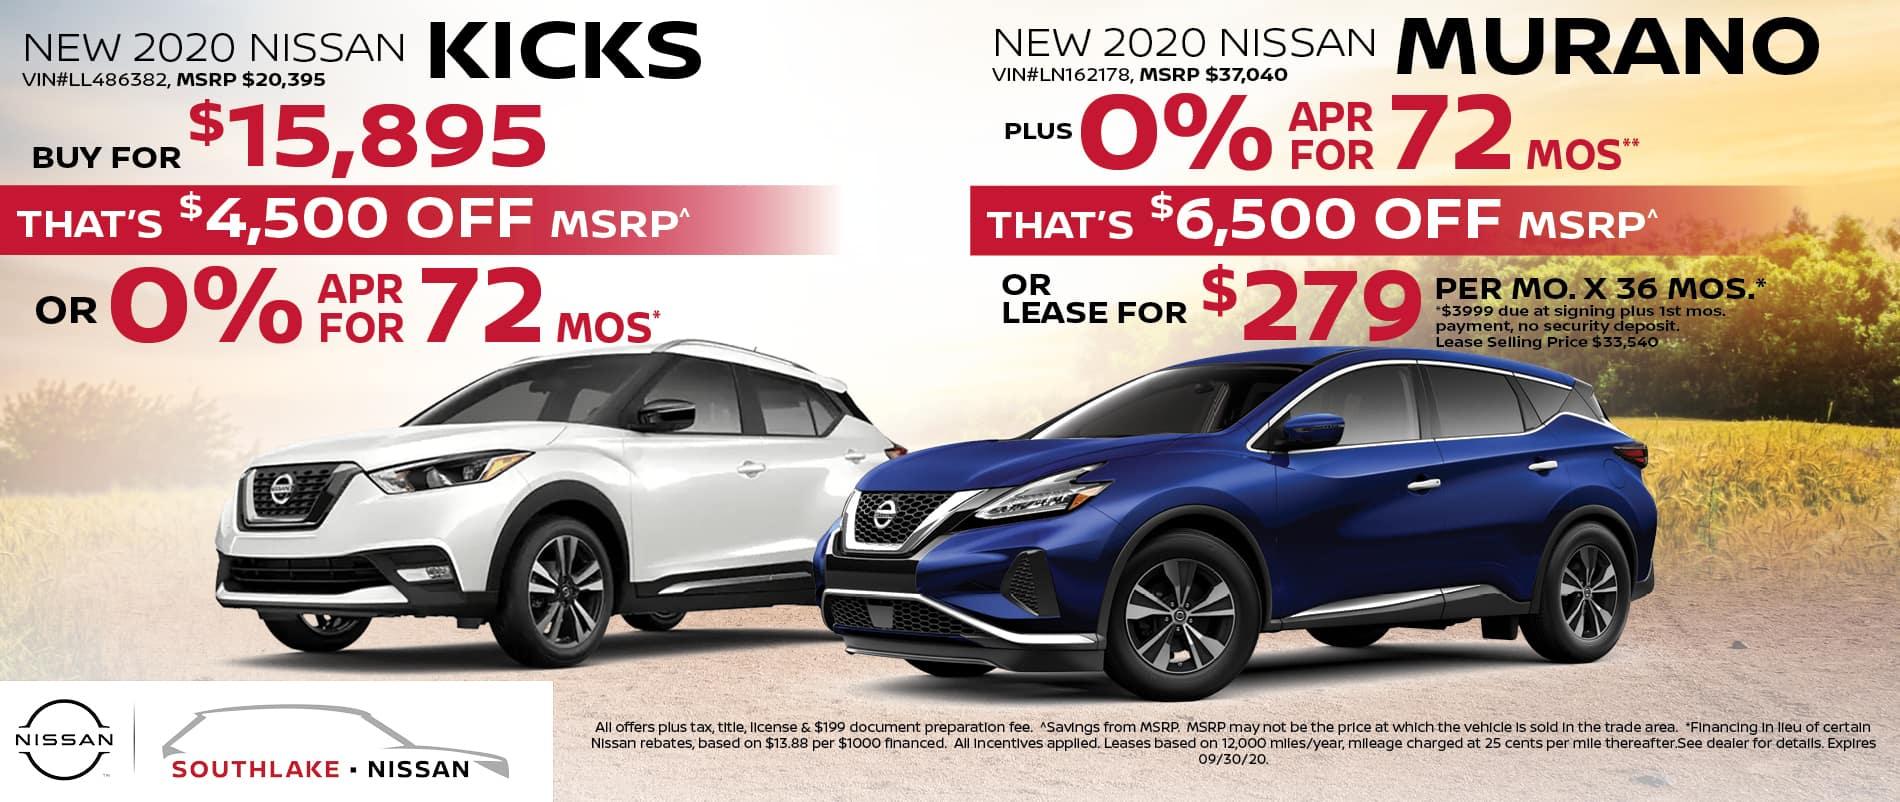 2020 Nissan Kicks & Murano Finance or Lease Offer | Merriville, IN